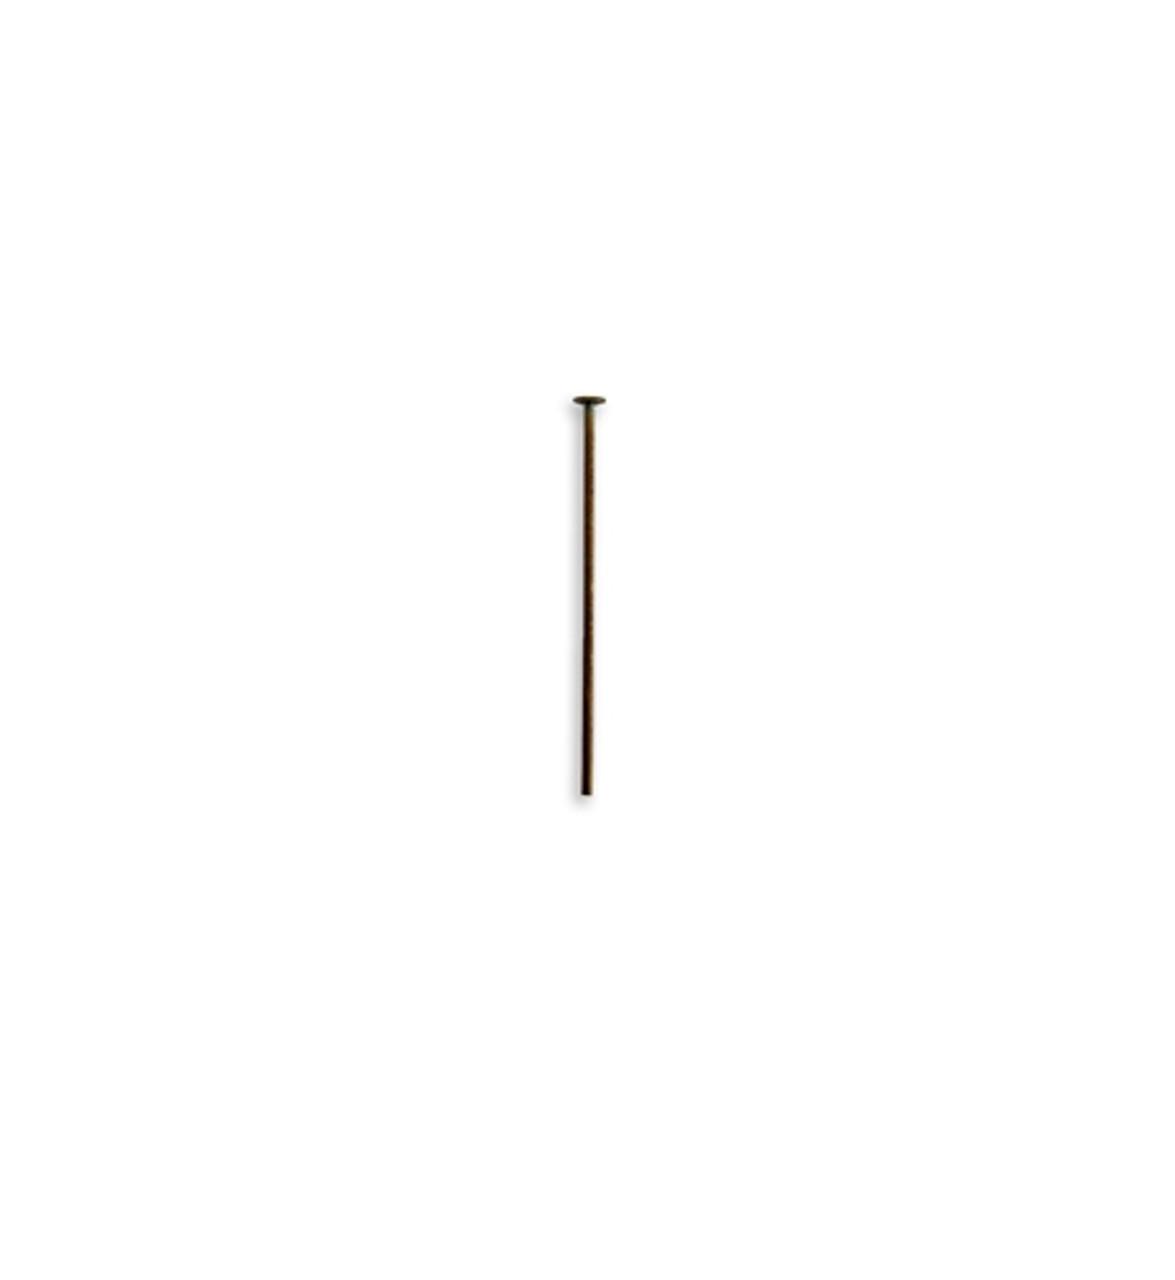 Head Pin - 25mm